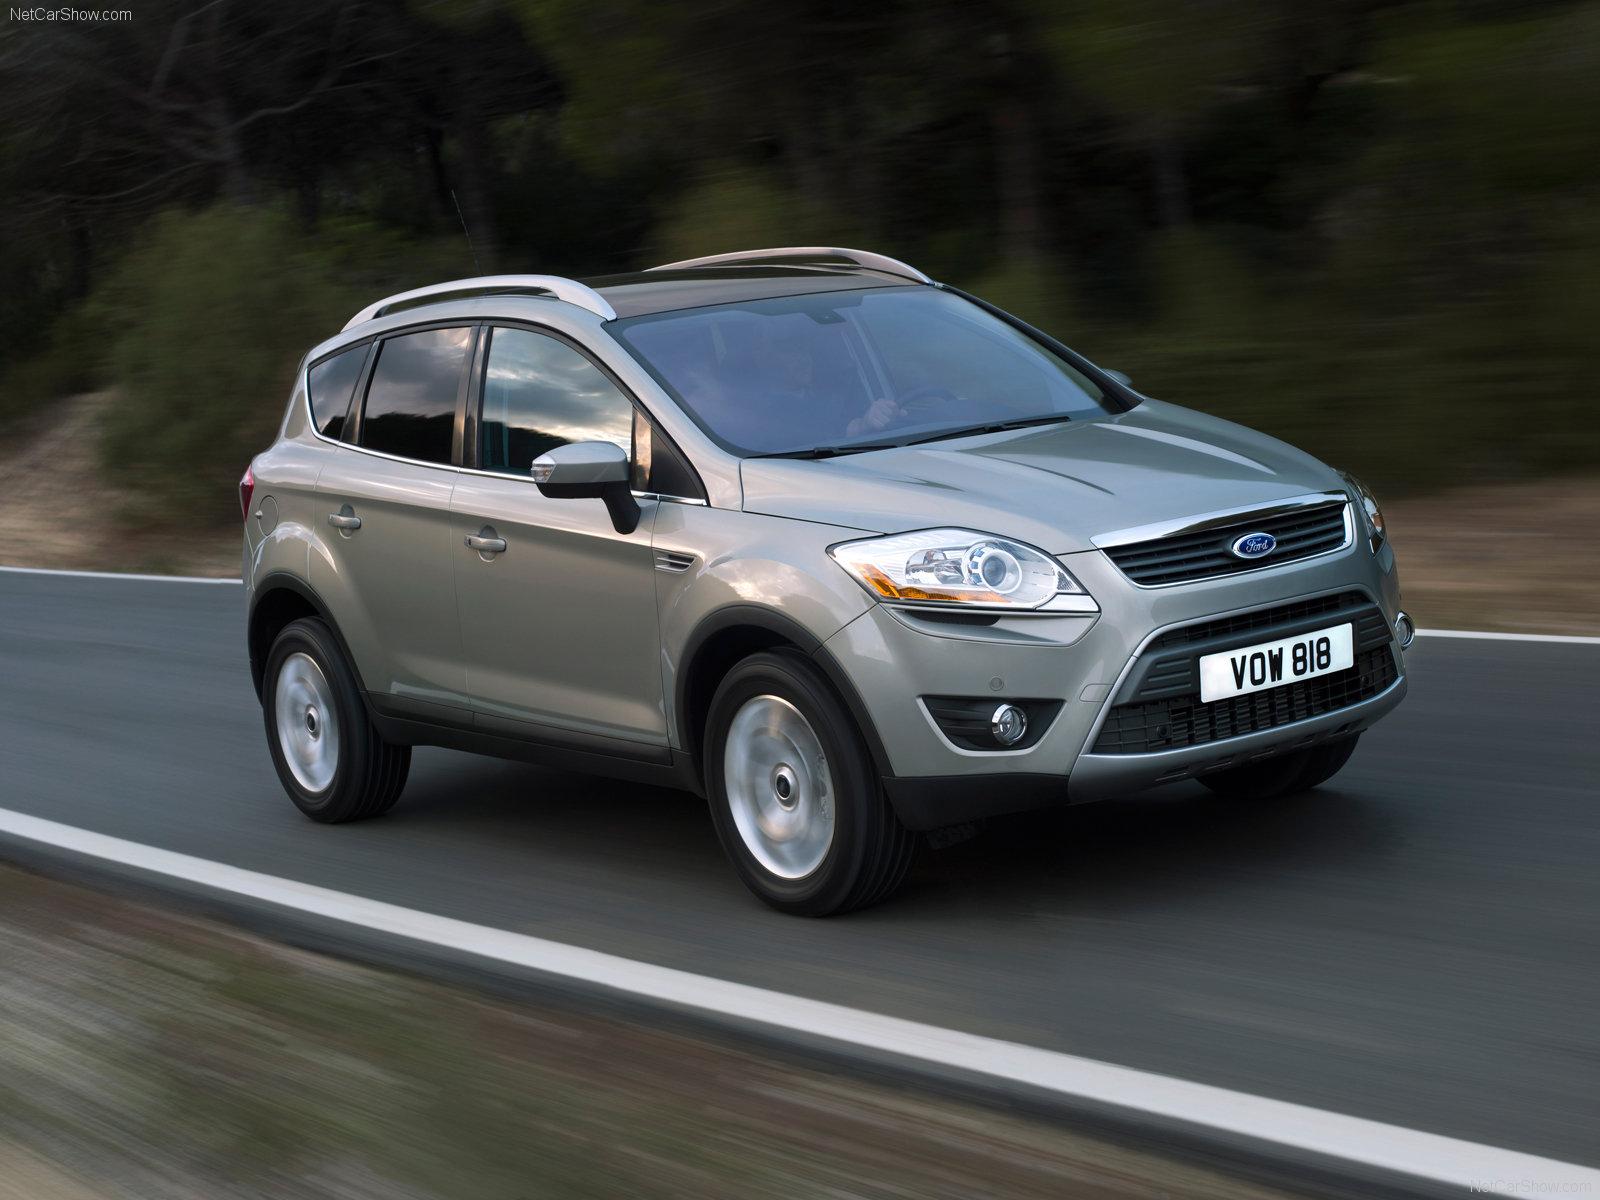 Купить Ford Kuga: 2135 предложений — Авто.ру